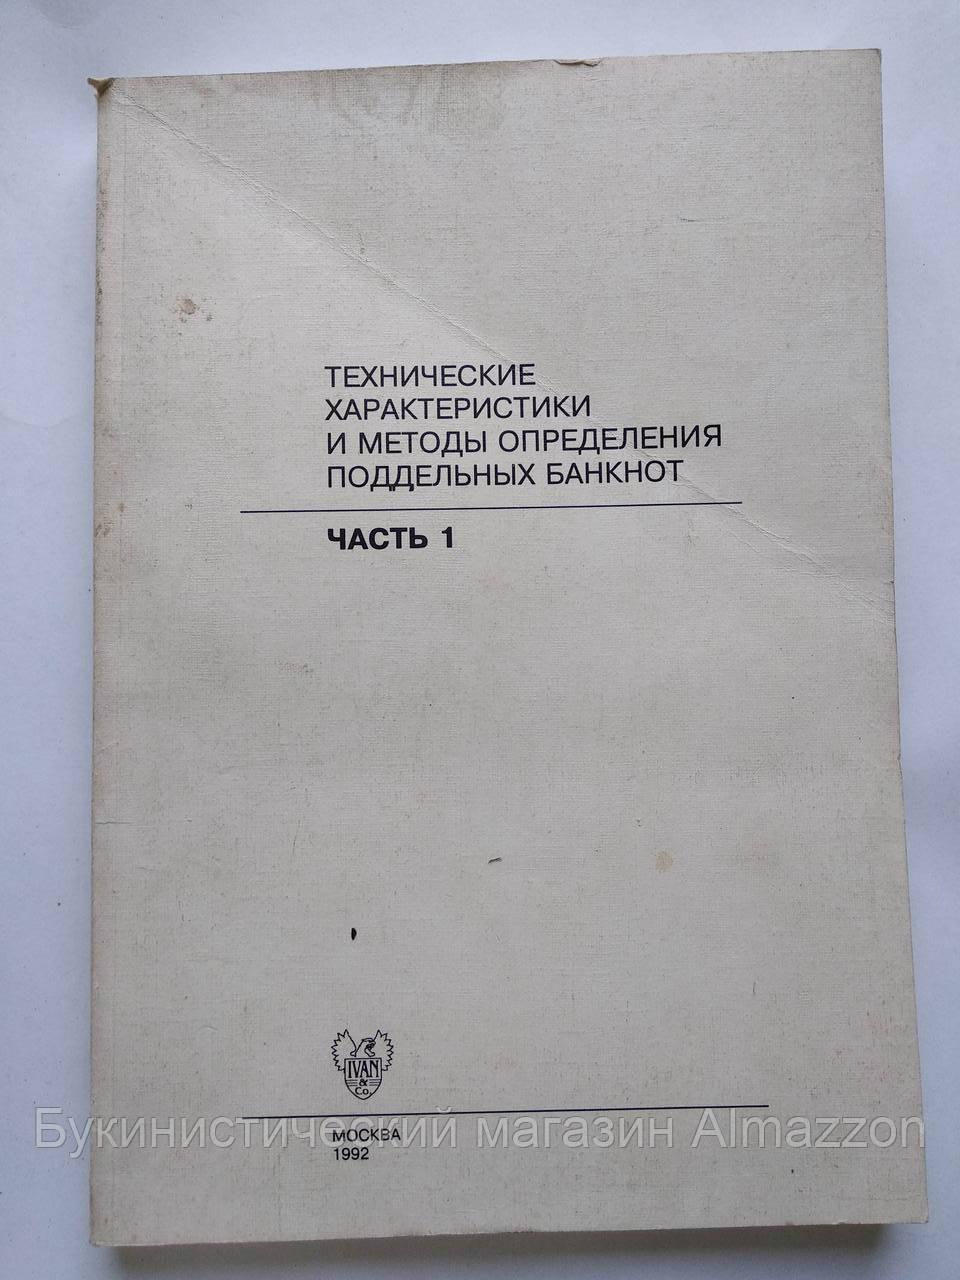 Технические характеристики и методы определения поддельных банкнот МВД РФ 1992 год Часть 1